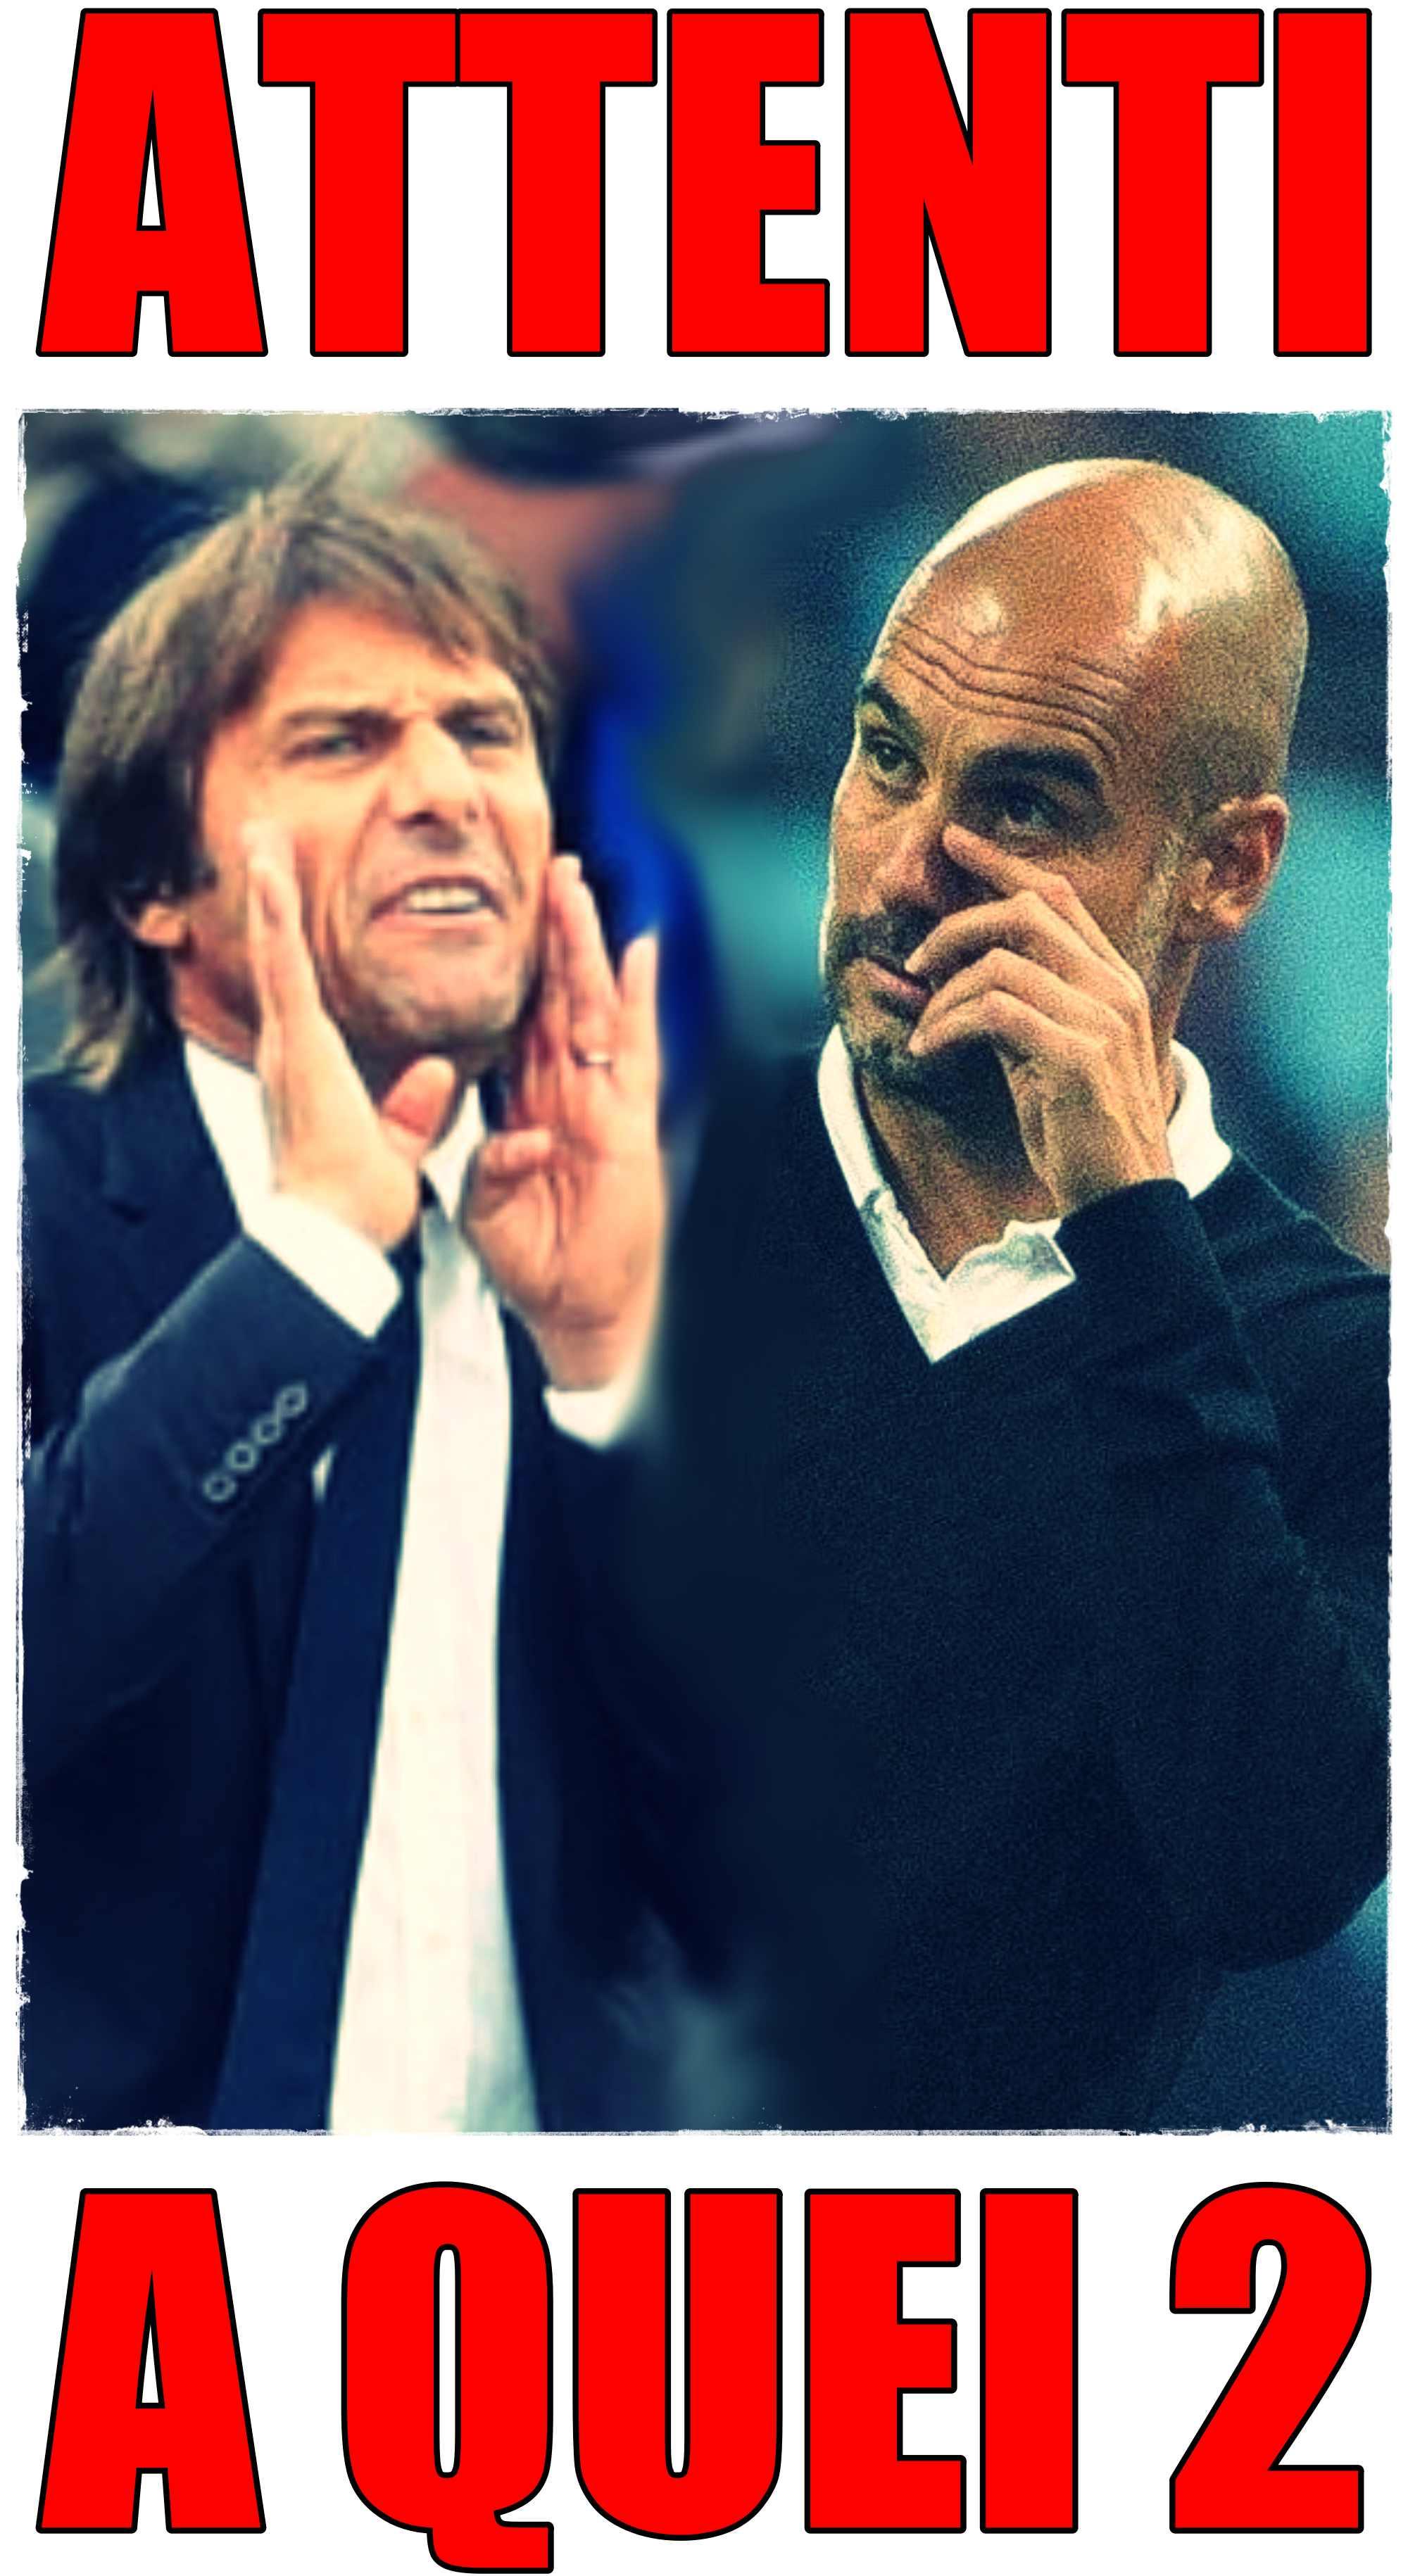 Conte Guardiola collage